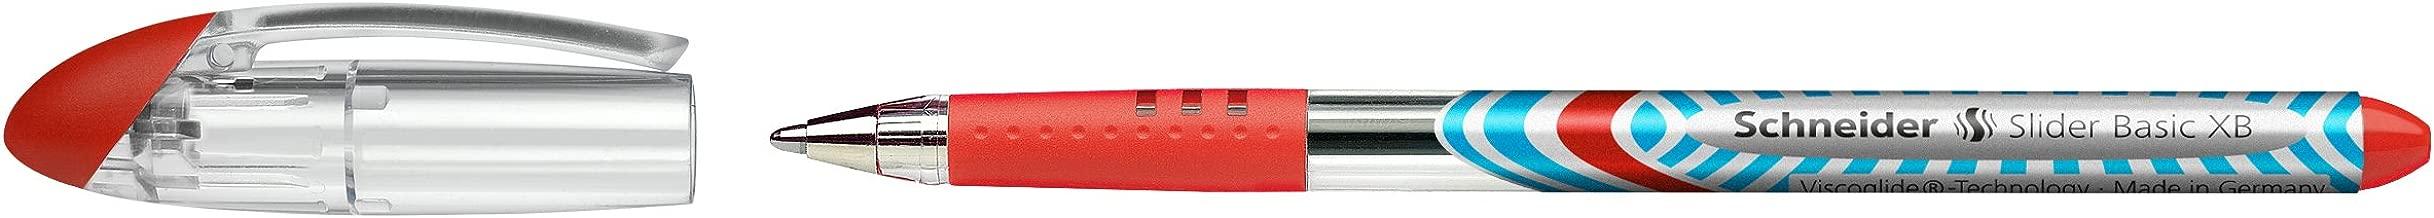 Schneider Slider Basic Ballpoint Pen - XB Red